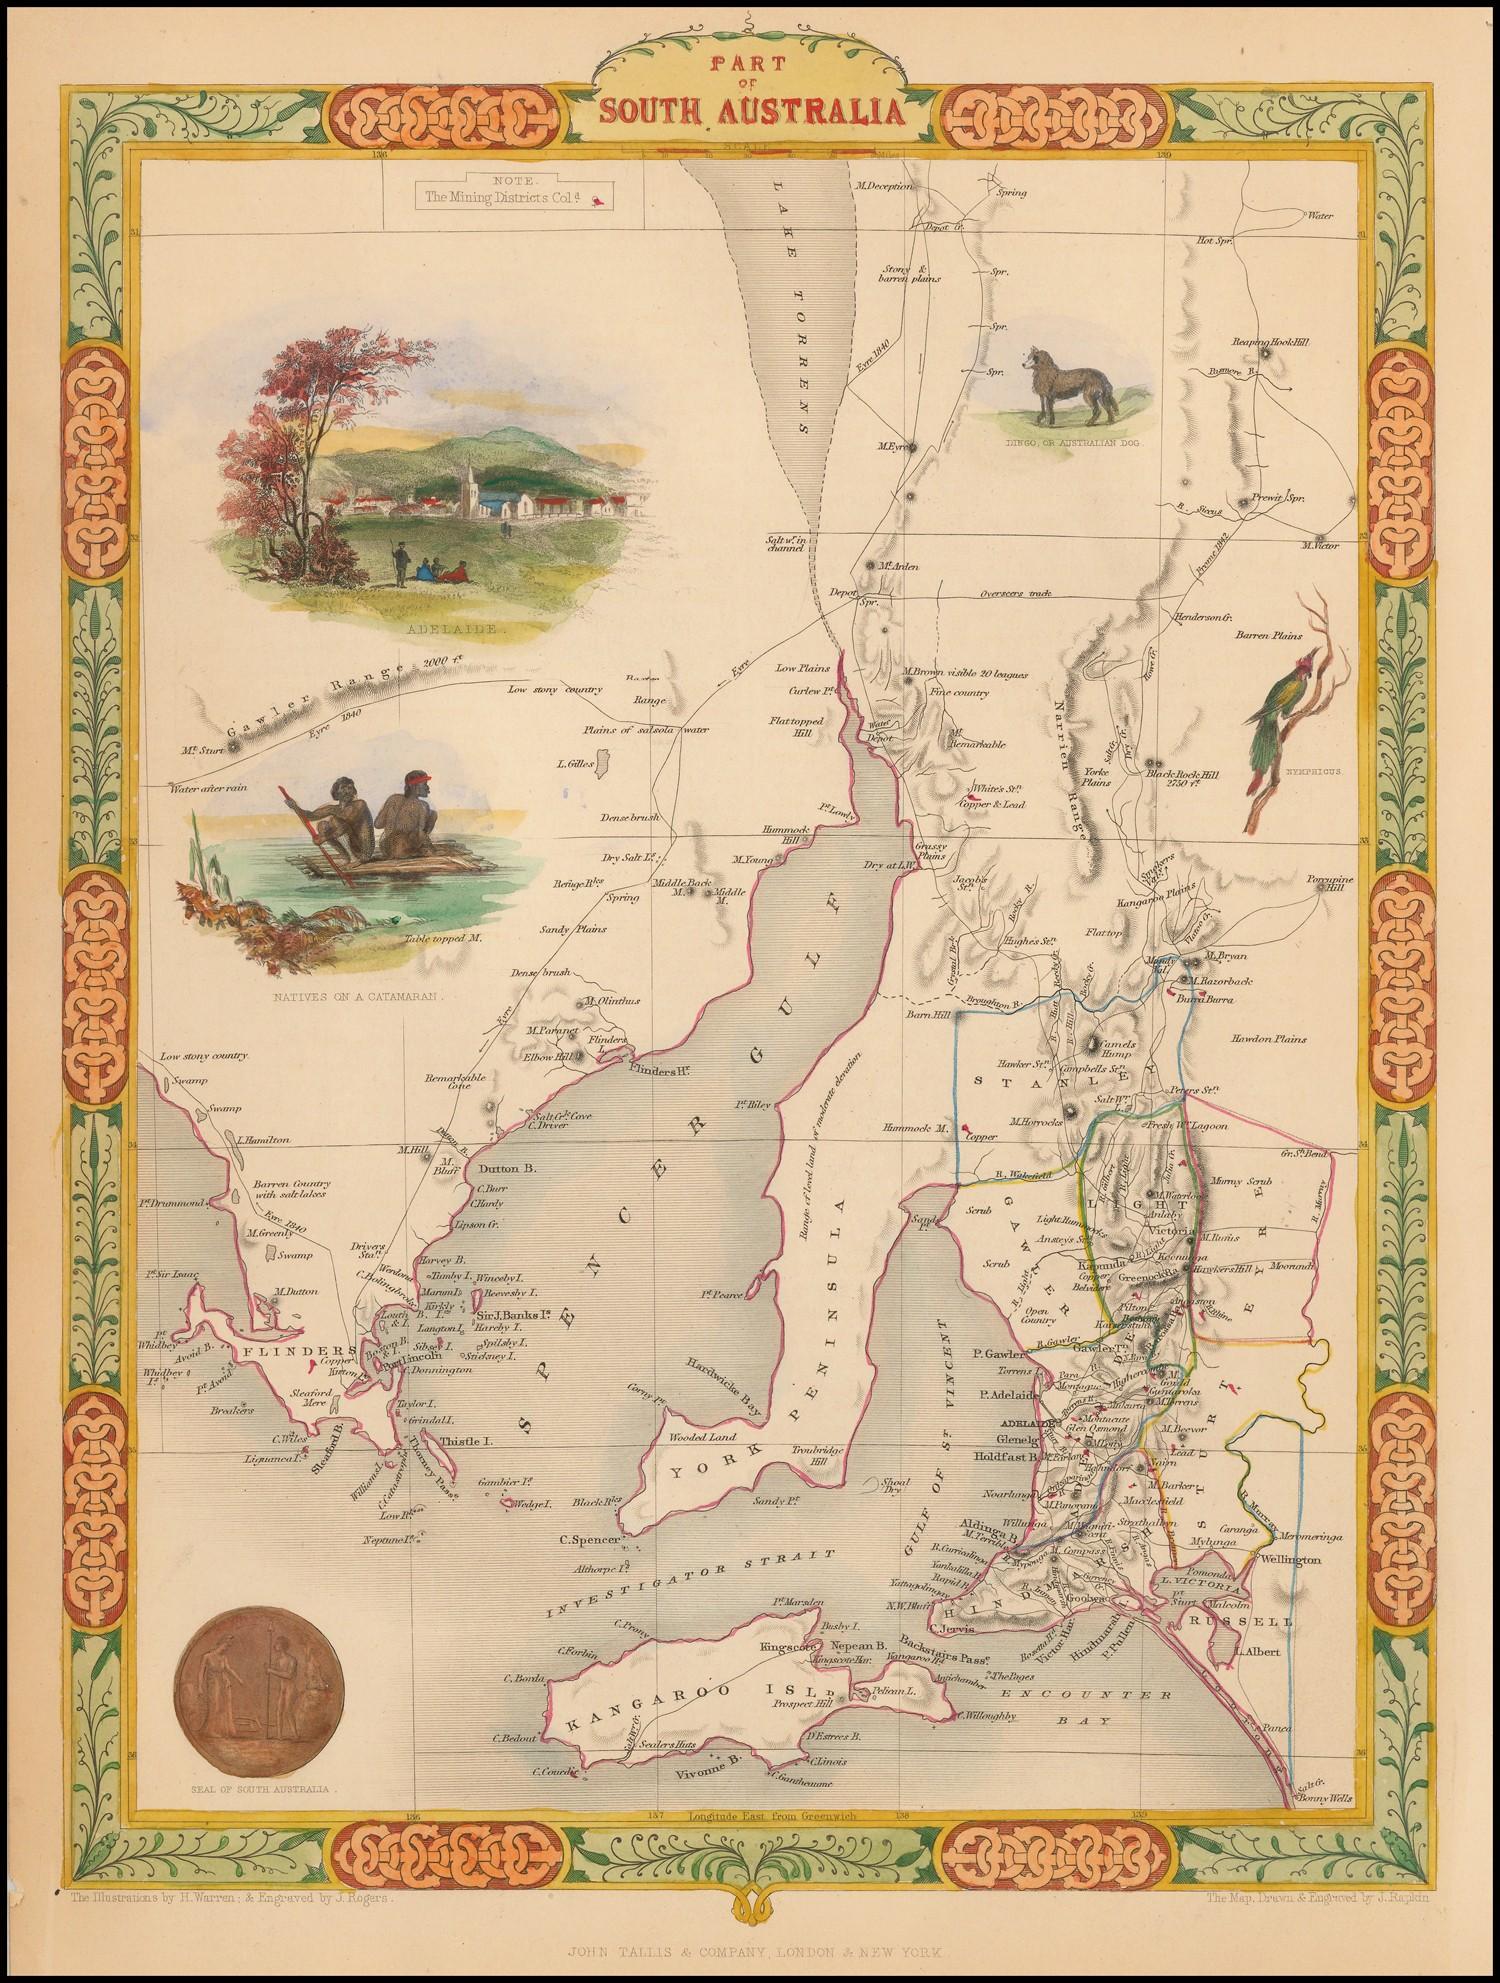 Часть Южной Австралии - карта Джона Таллиса 1851 года